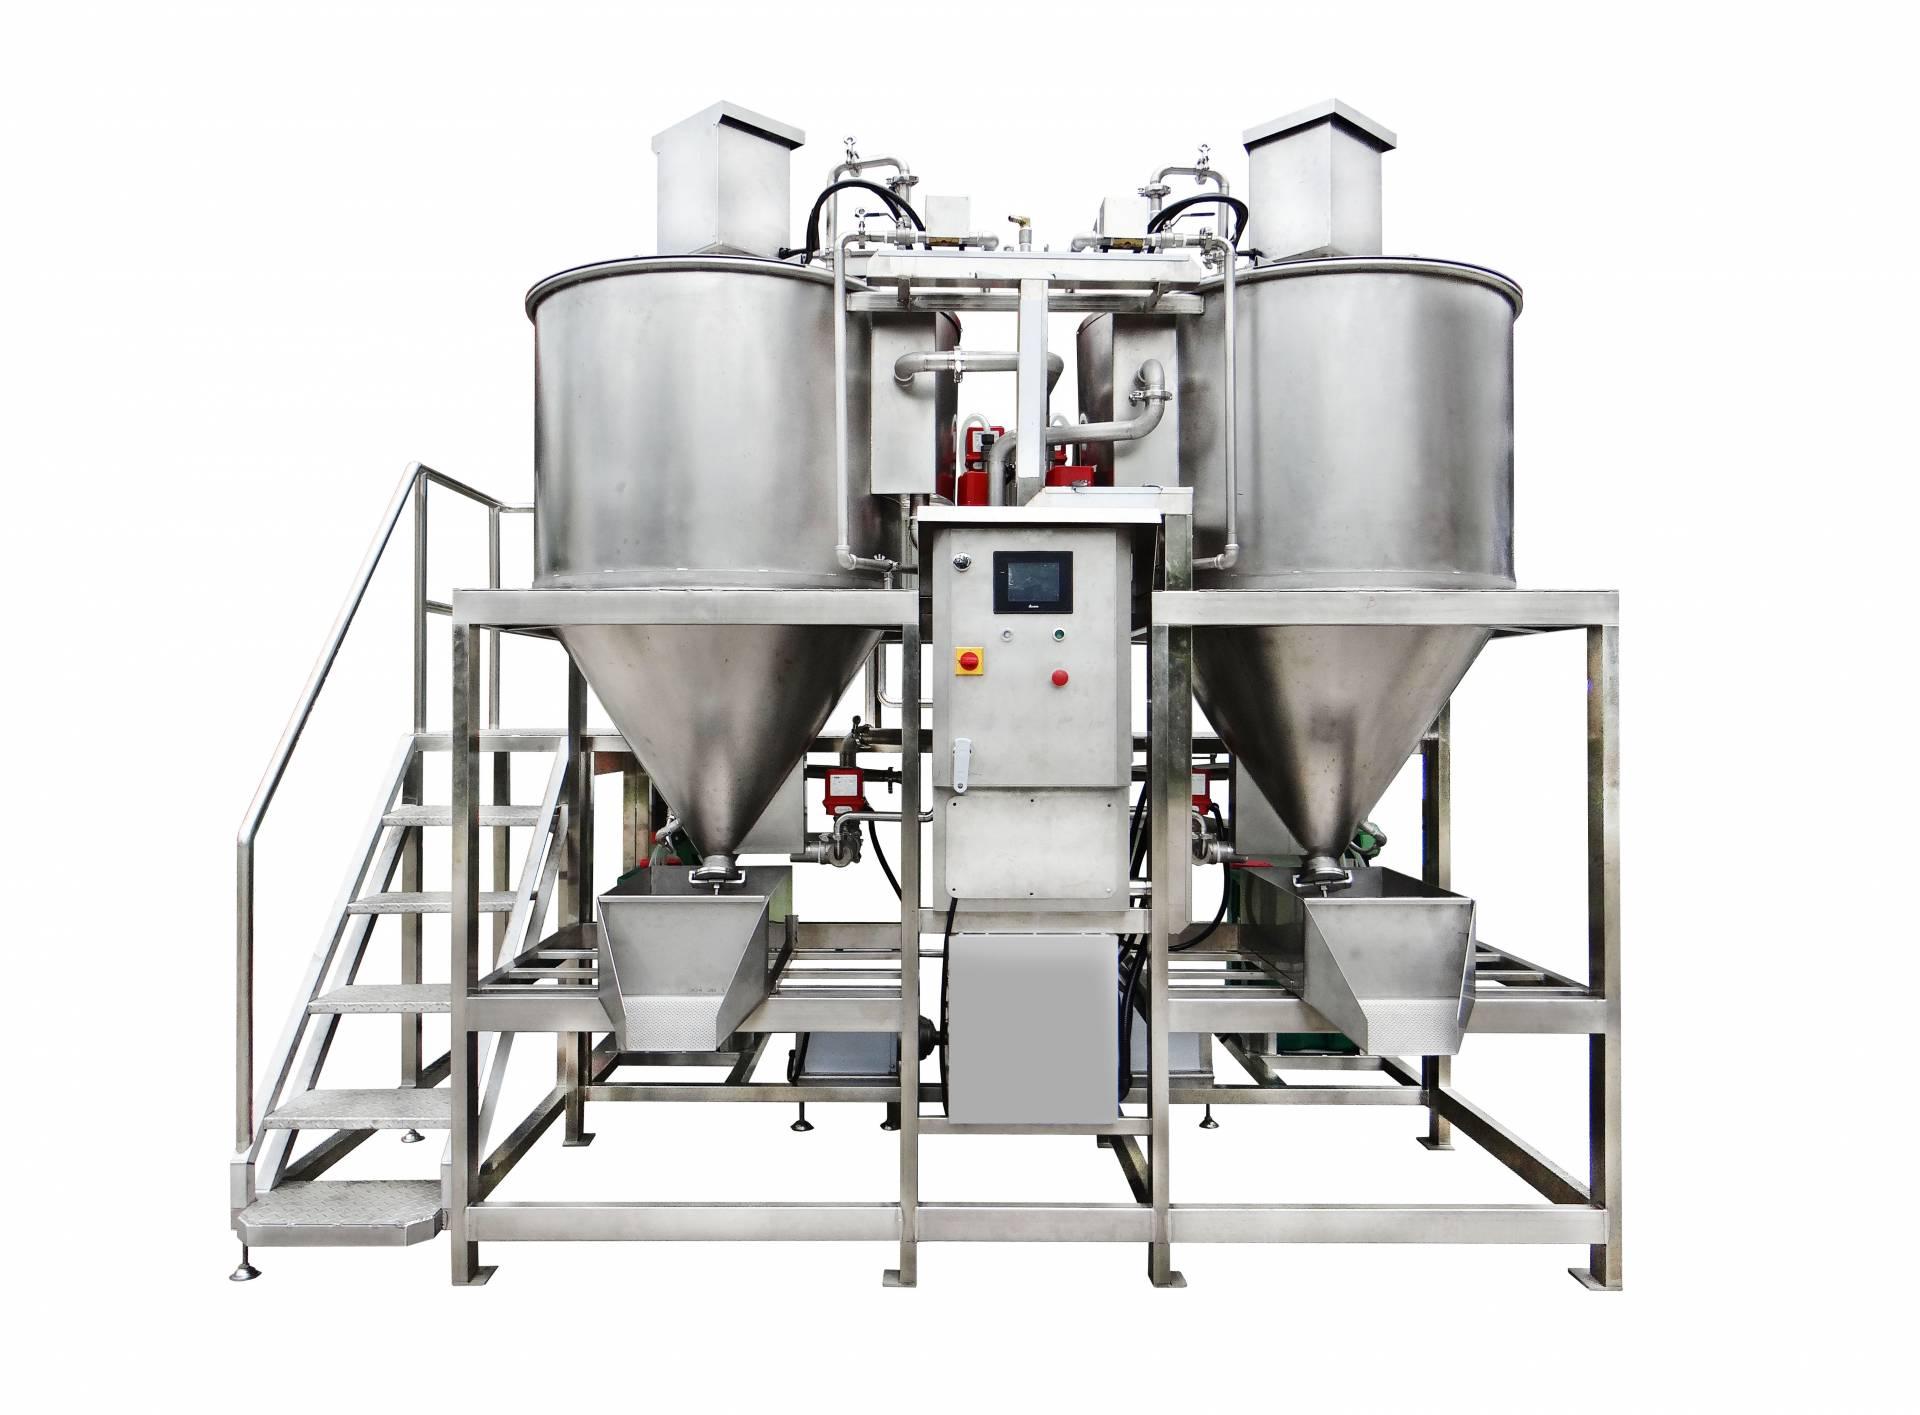 Système de lavage et de stérilisation des haricots - Machine à laver et à stériliser les haricots